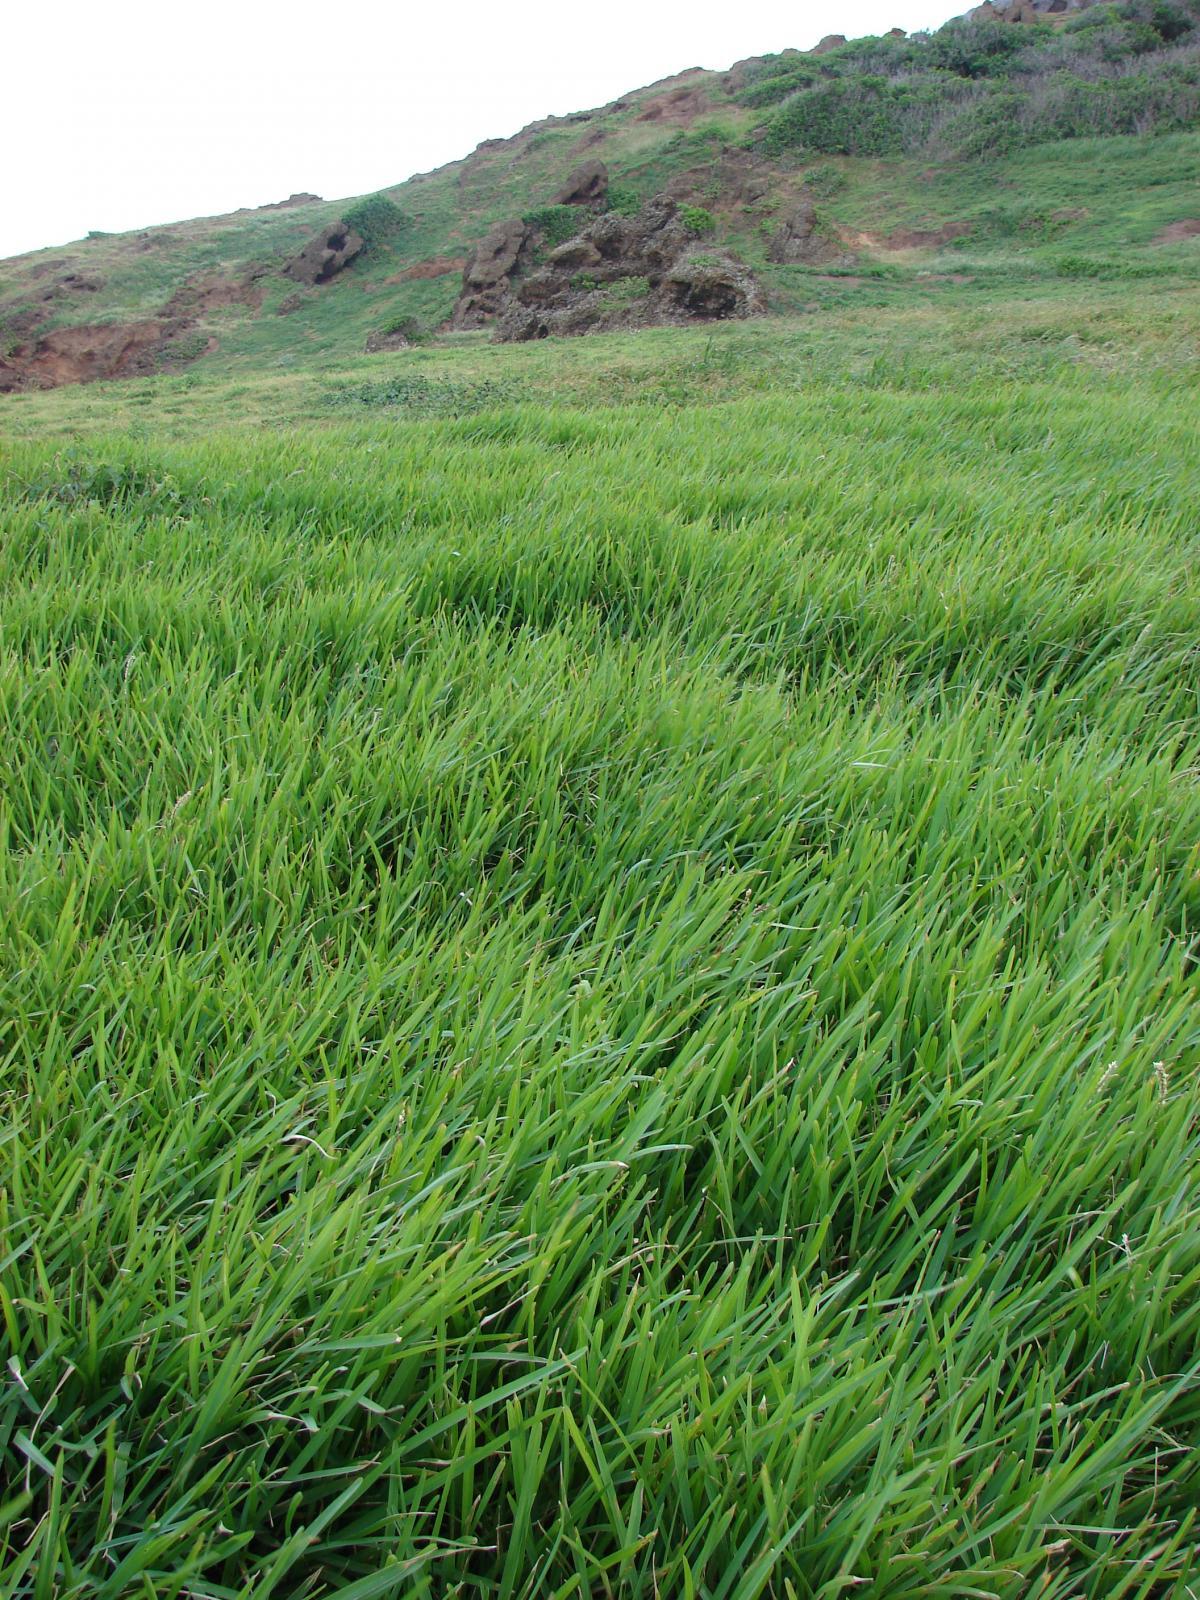 St Augustine Grass (Stenotaphrum Secundatum) | Feedipedia concernant Forage Jardin